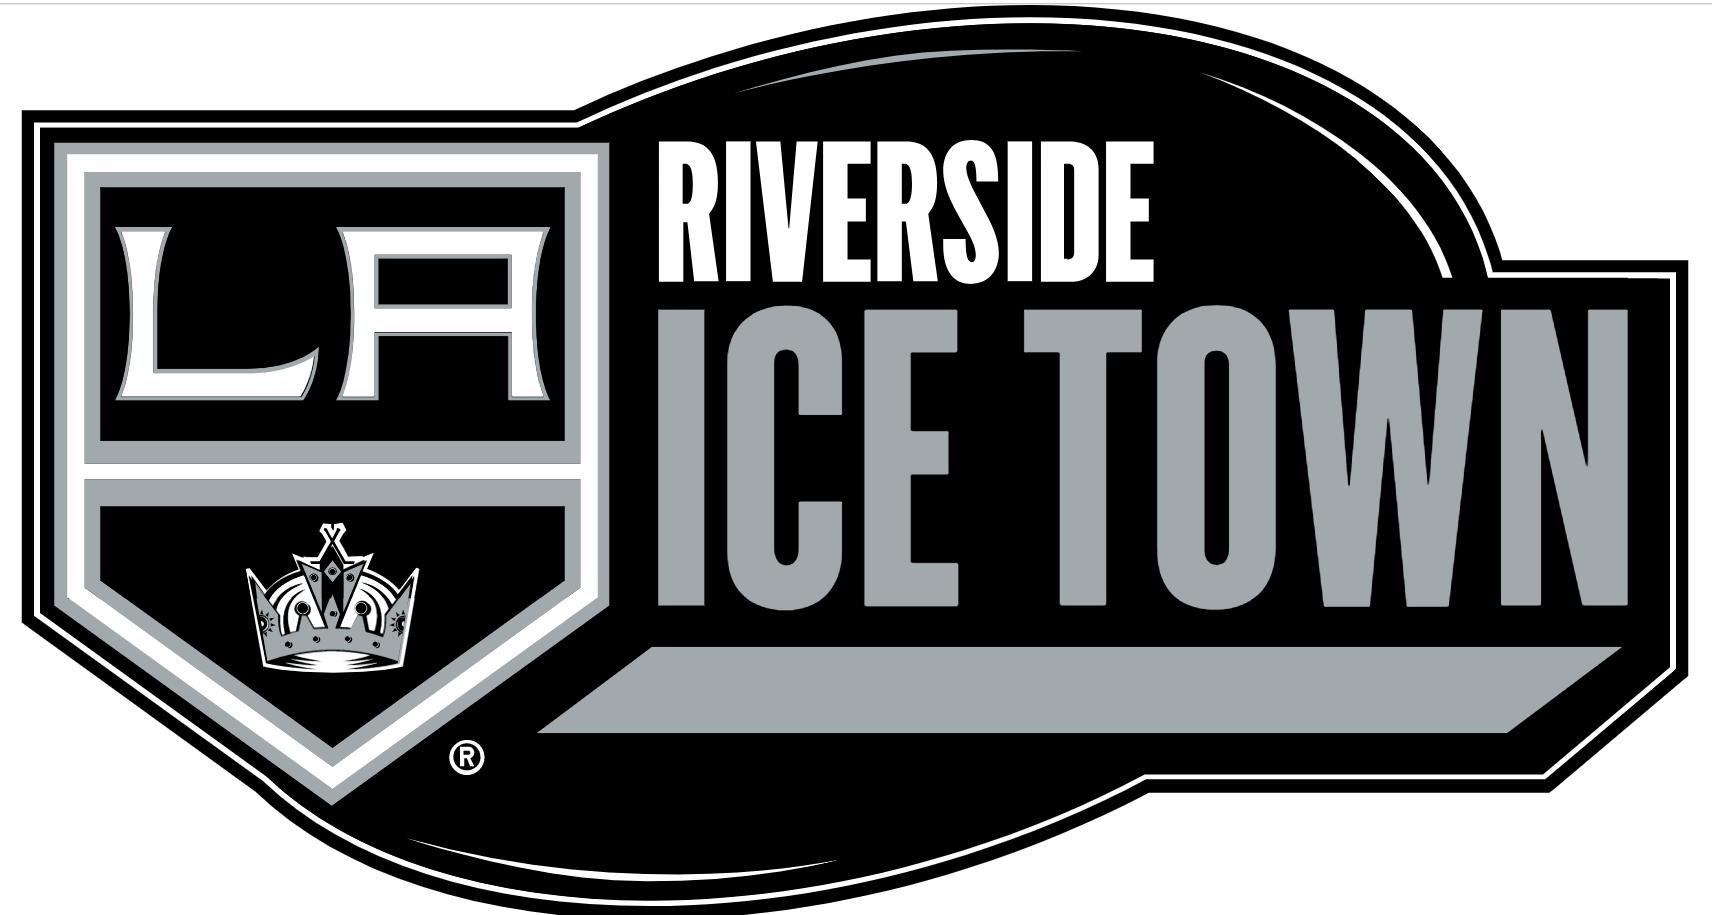 Riverside Ice Town logo